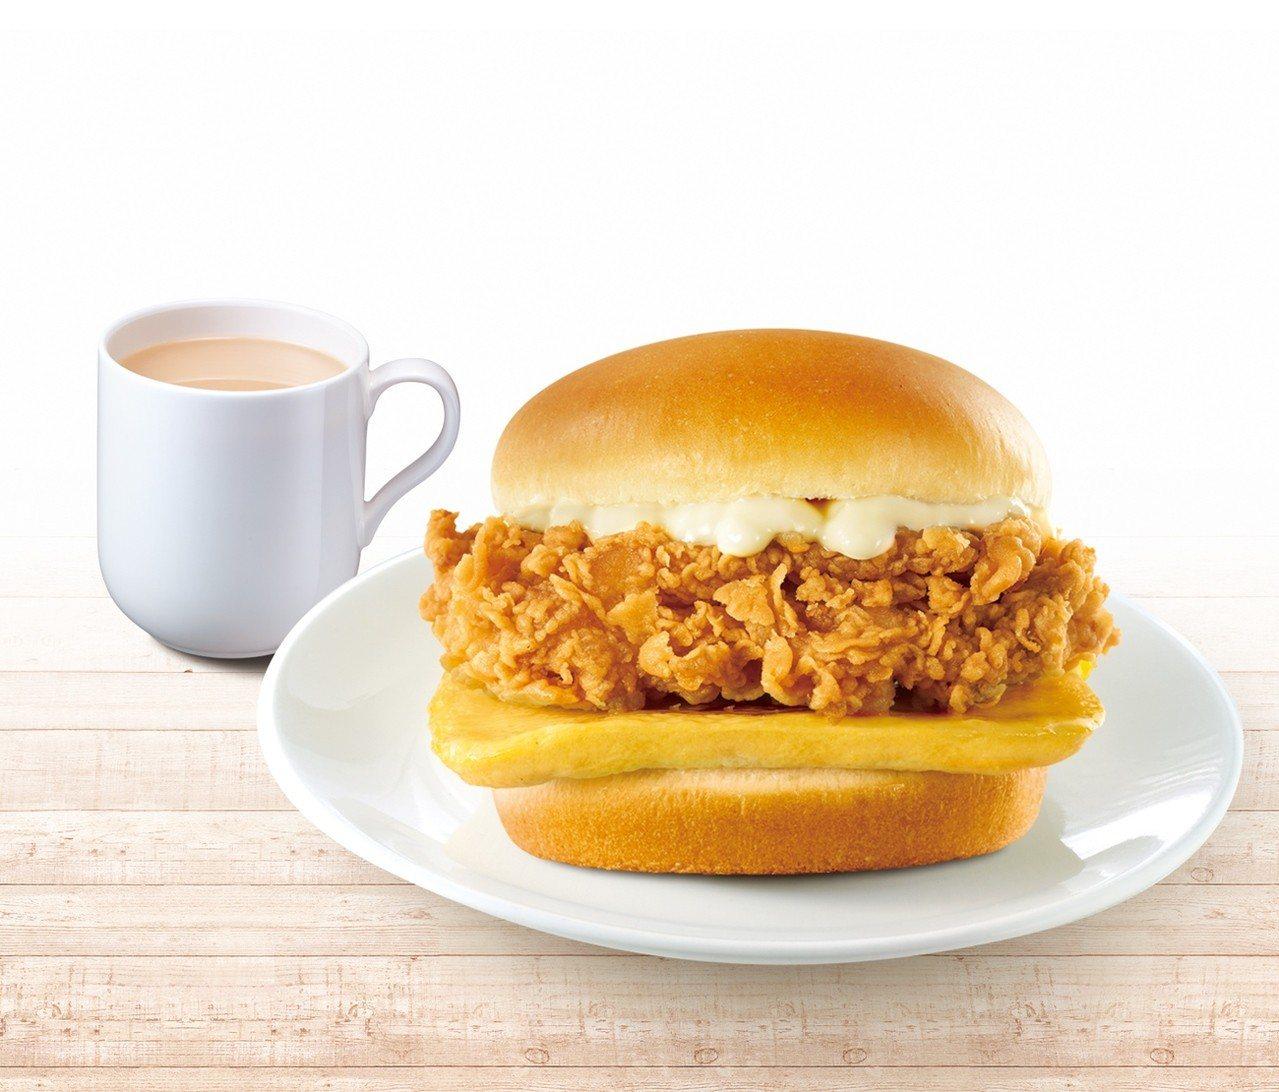 「吮指嫩雞蛋堡套餐」自9月4日至9月10日、10月2日至10月8日,優惠售價49...